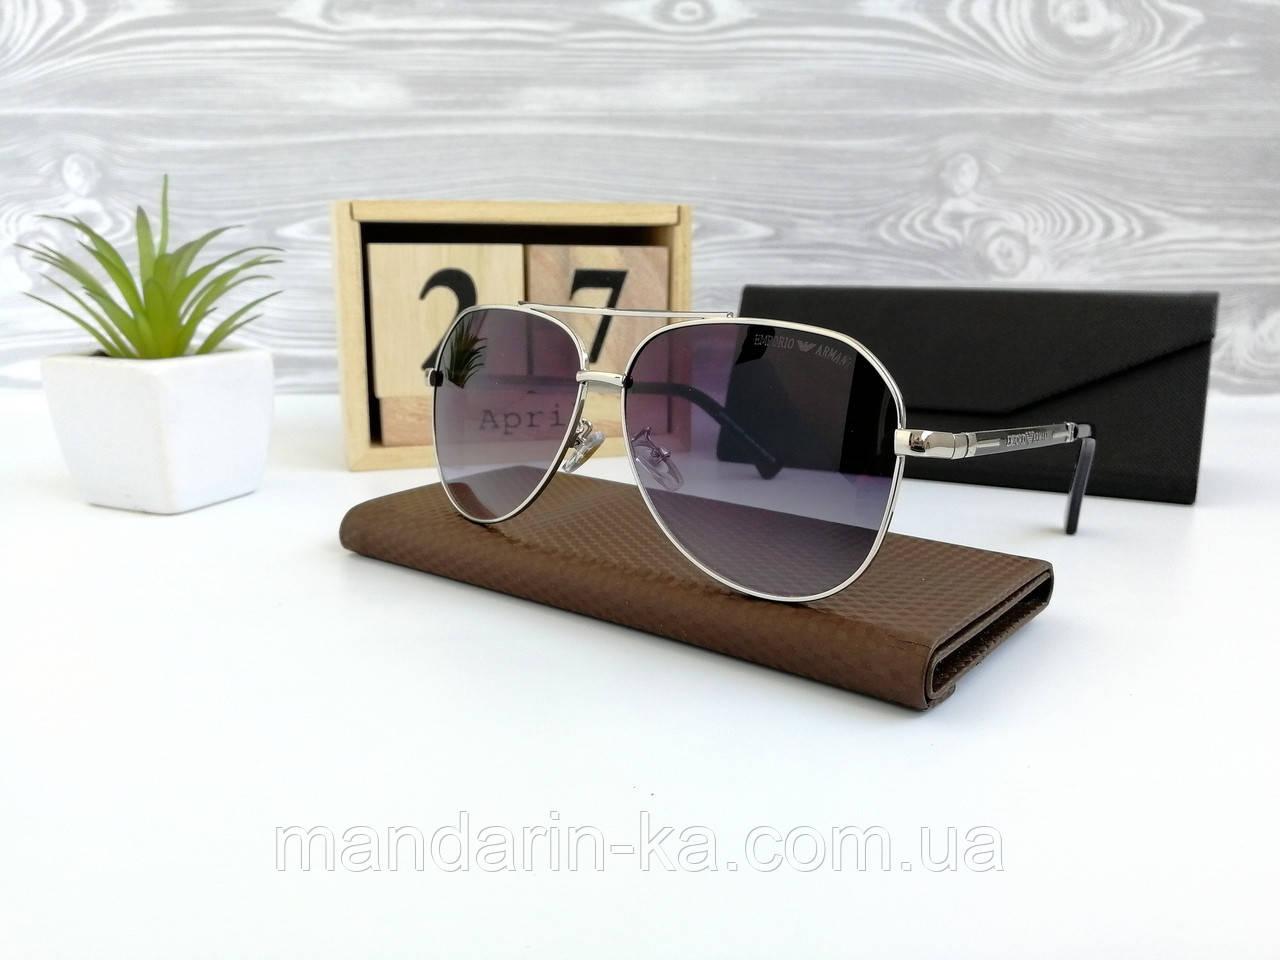 Мужские солнцезащитные очки полароид реплика